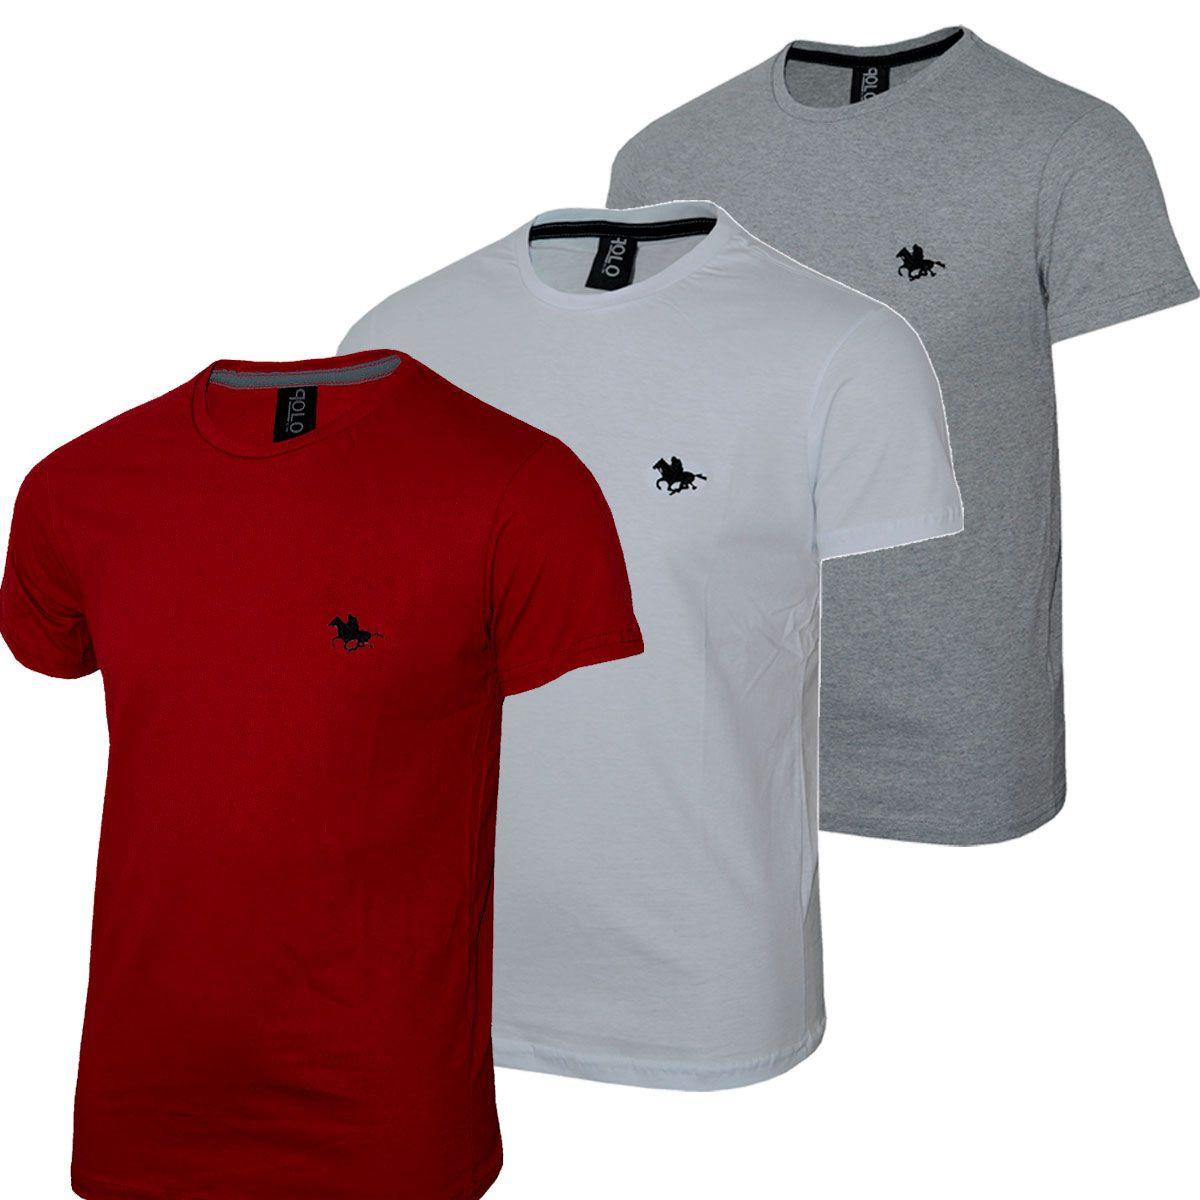 Kit C/3 Un Camisas Blusas Masculinas Bordado